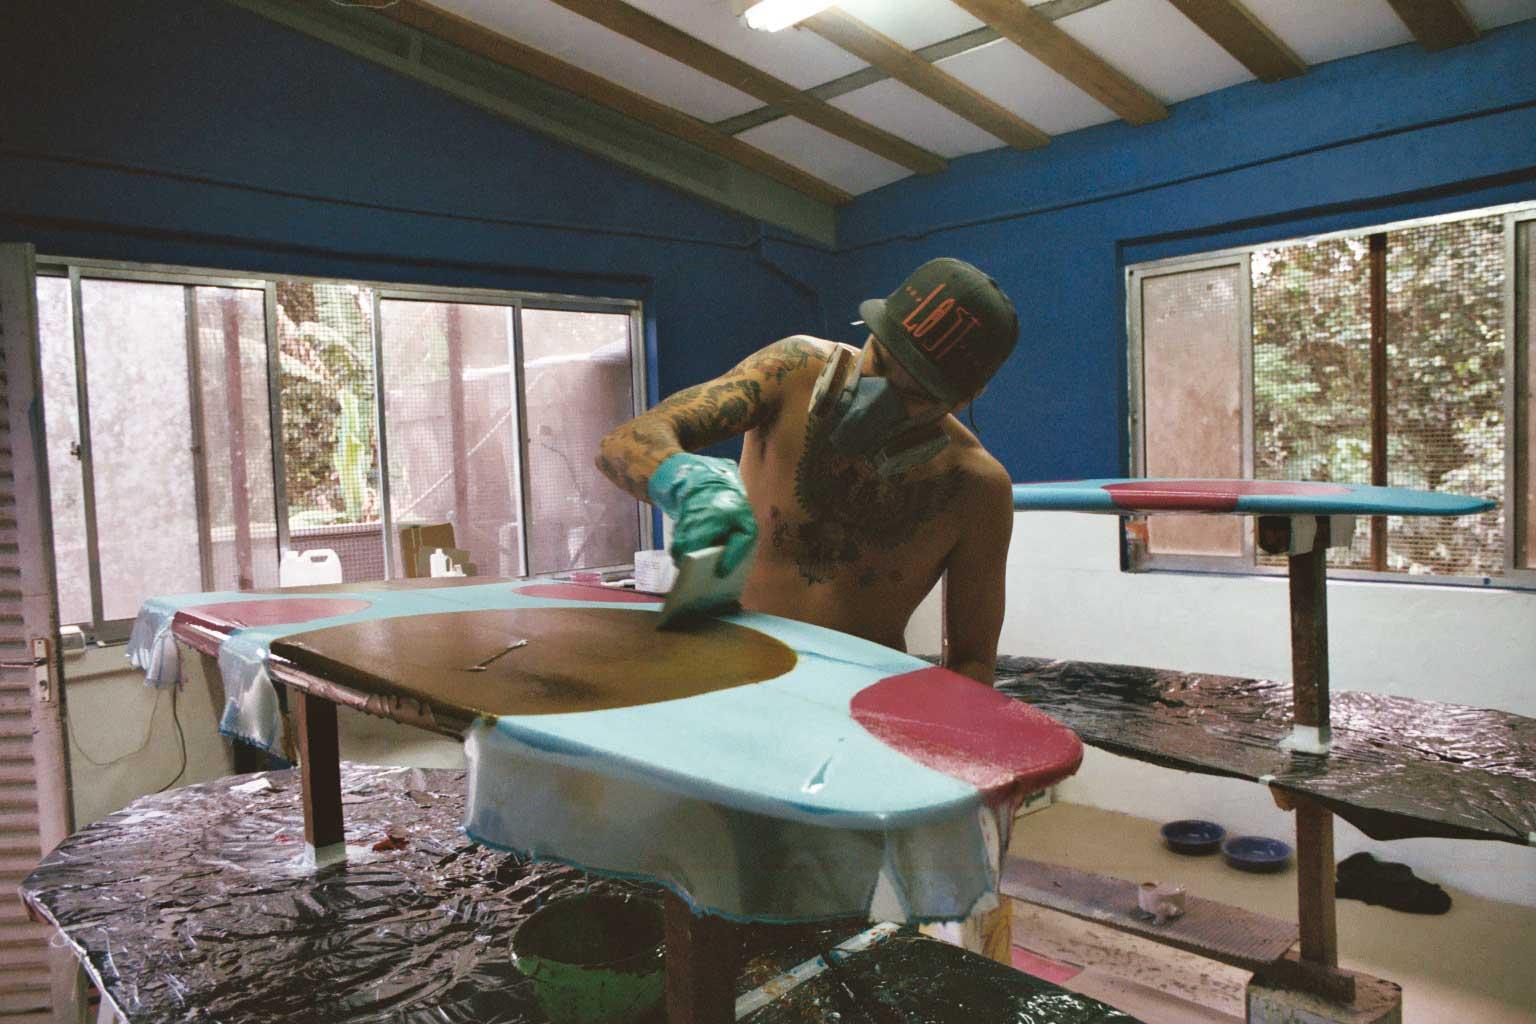 fehler beim surfboardkauf vermeiden seite 5 von 5 prime surfing. Black Bedroom Furniture Sets. Home Design Ideas